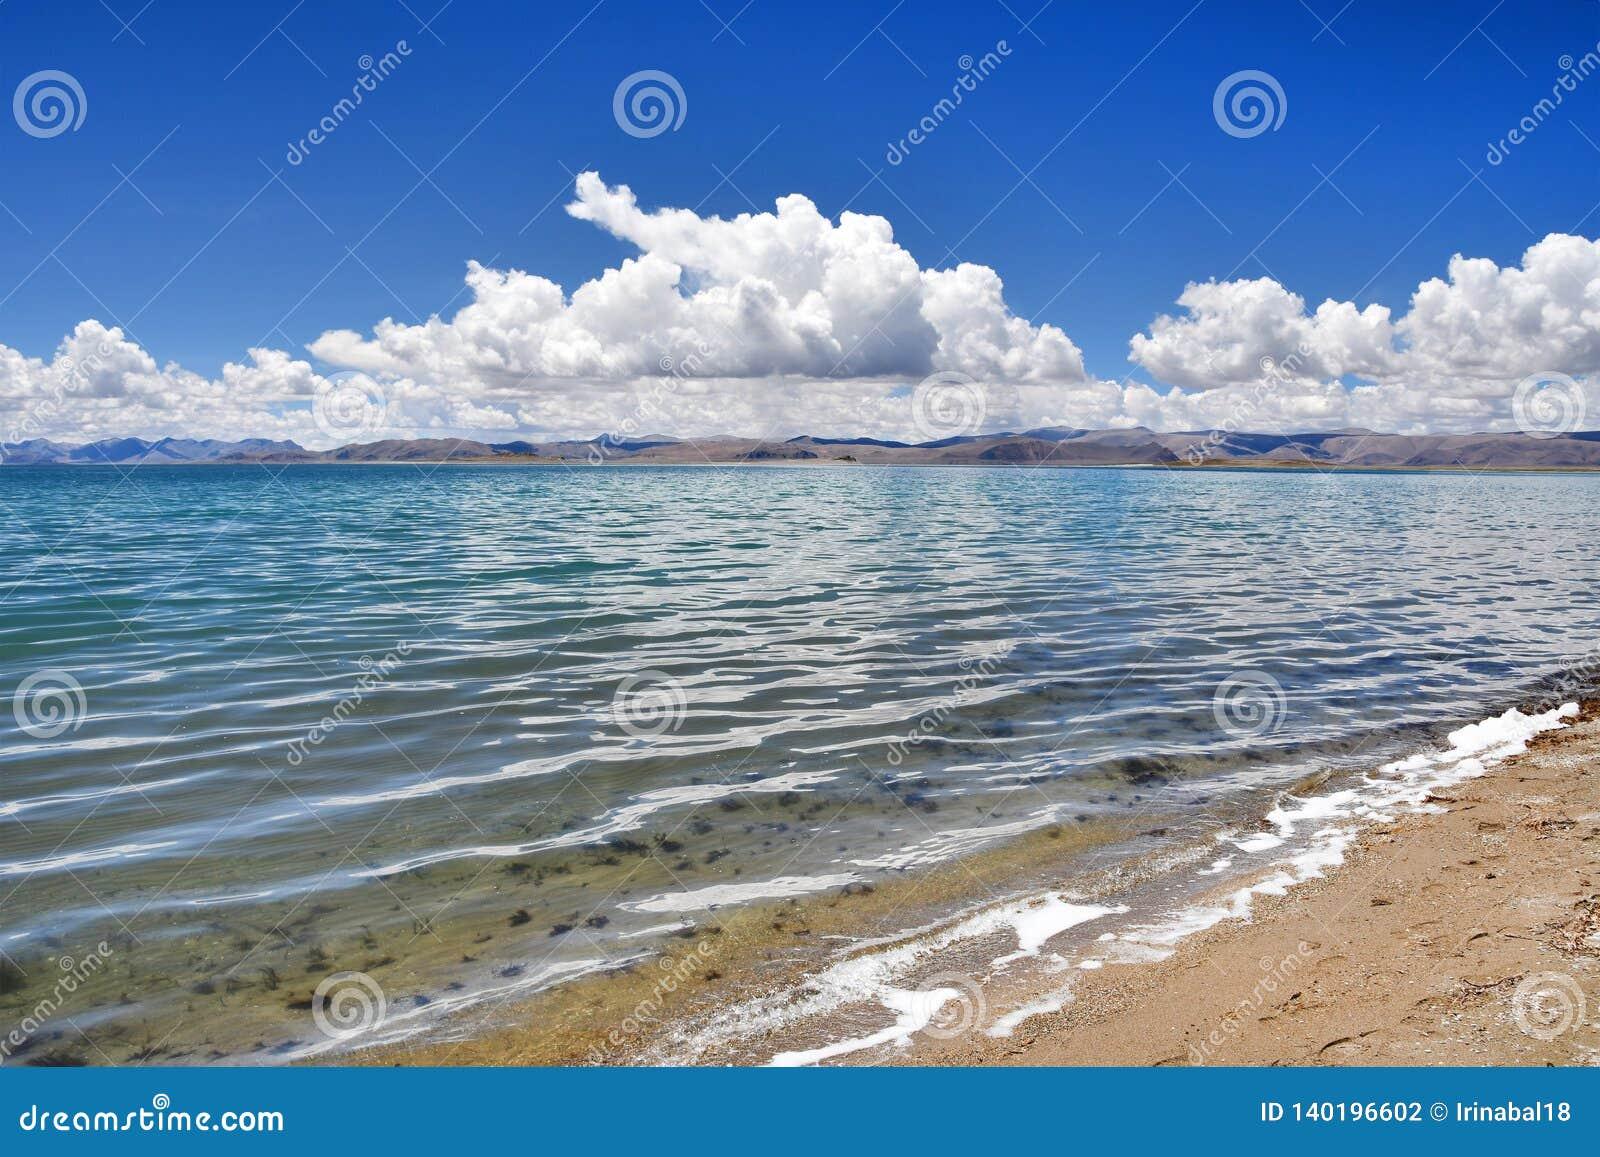 Kina Great Lakes av Tibet Små vågor på sjön Teri Tashi Namtso i soligt sommarväder